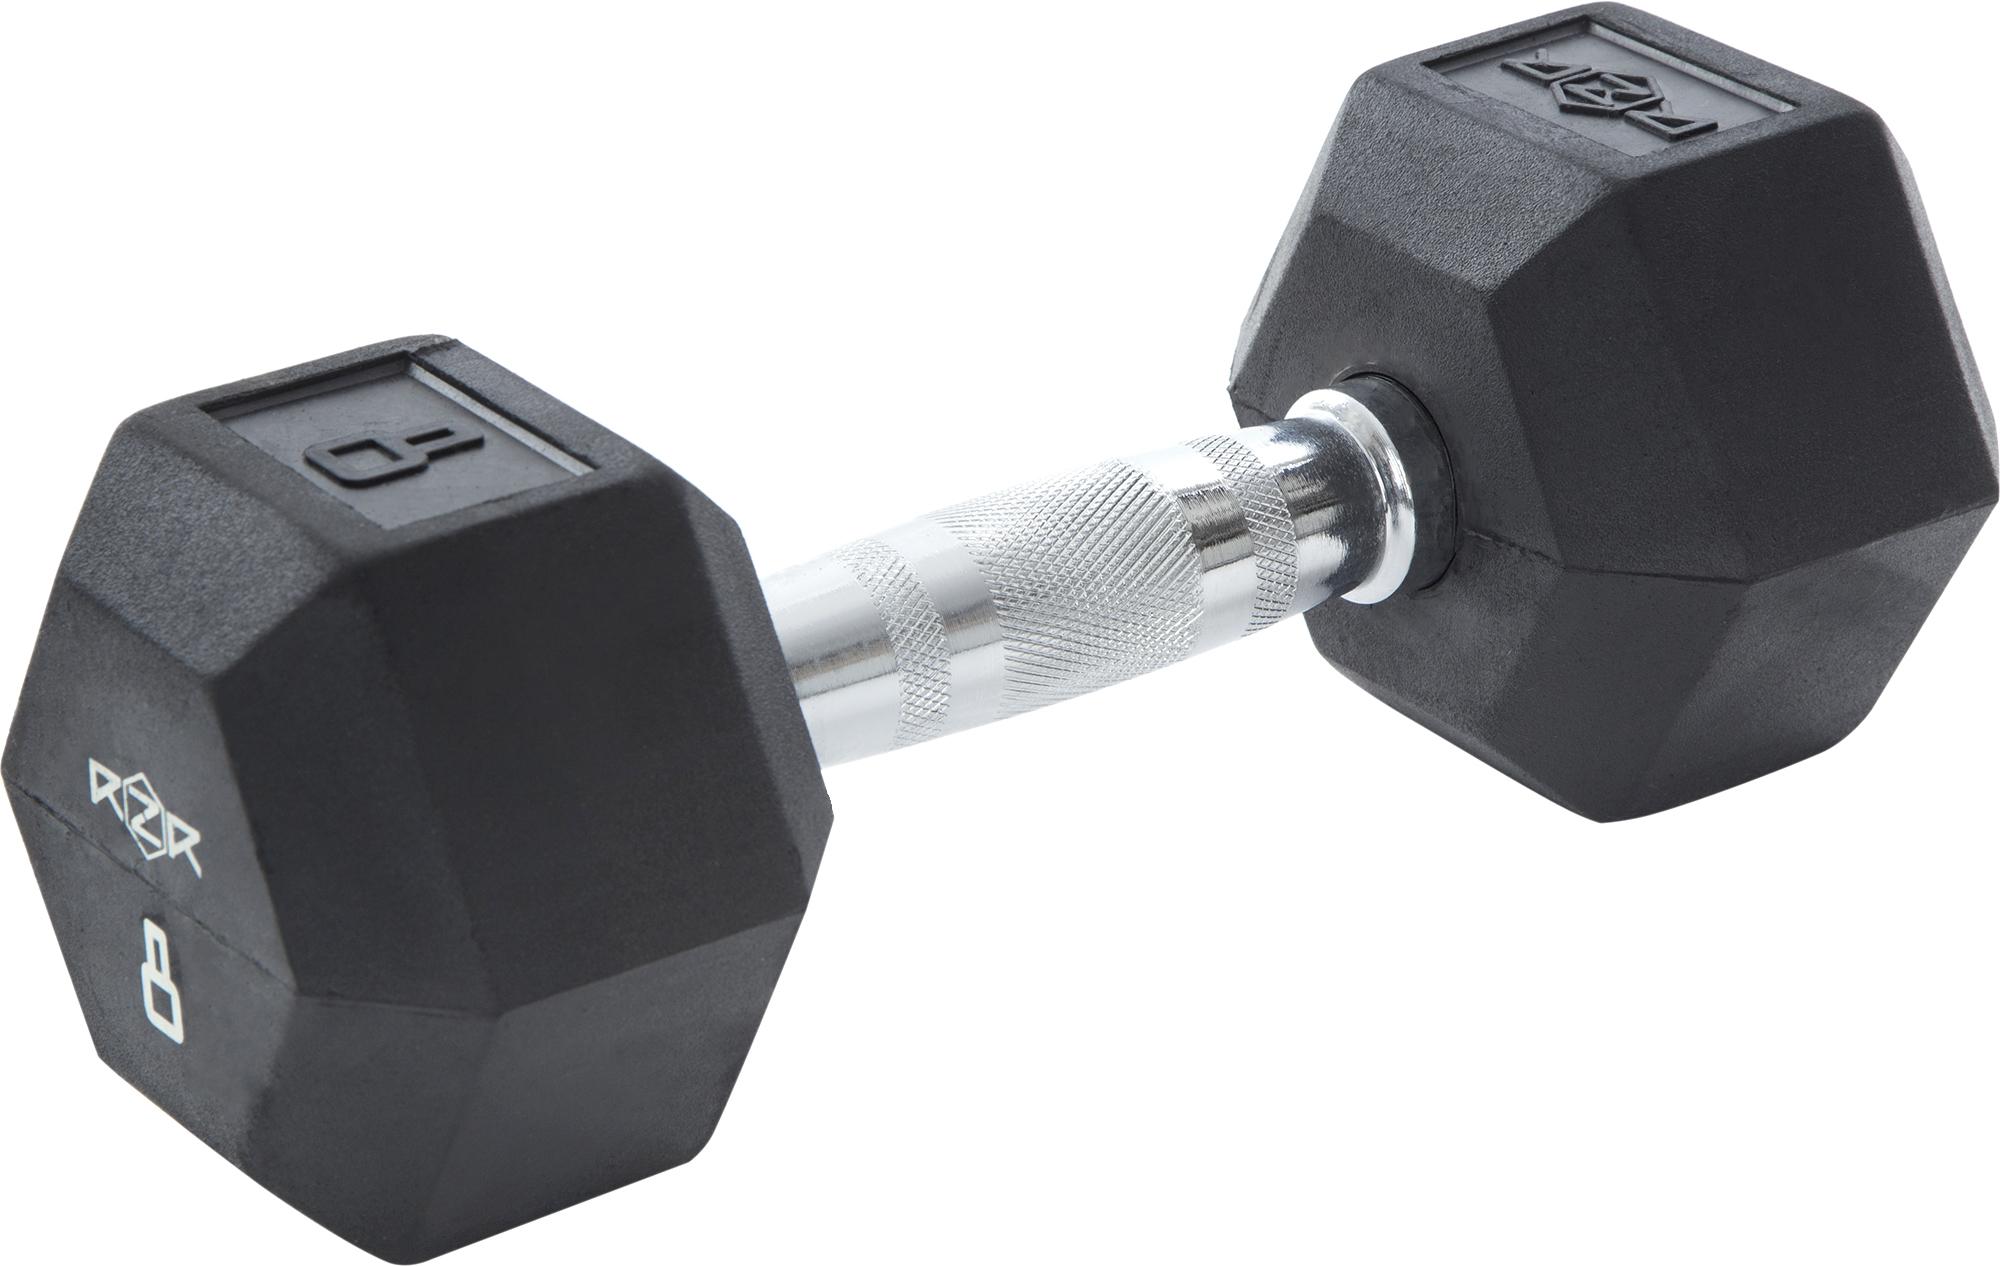 RZR Гантель гексагональная обрезиненная, 8 кг -HEX-08 цена